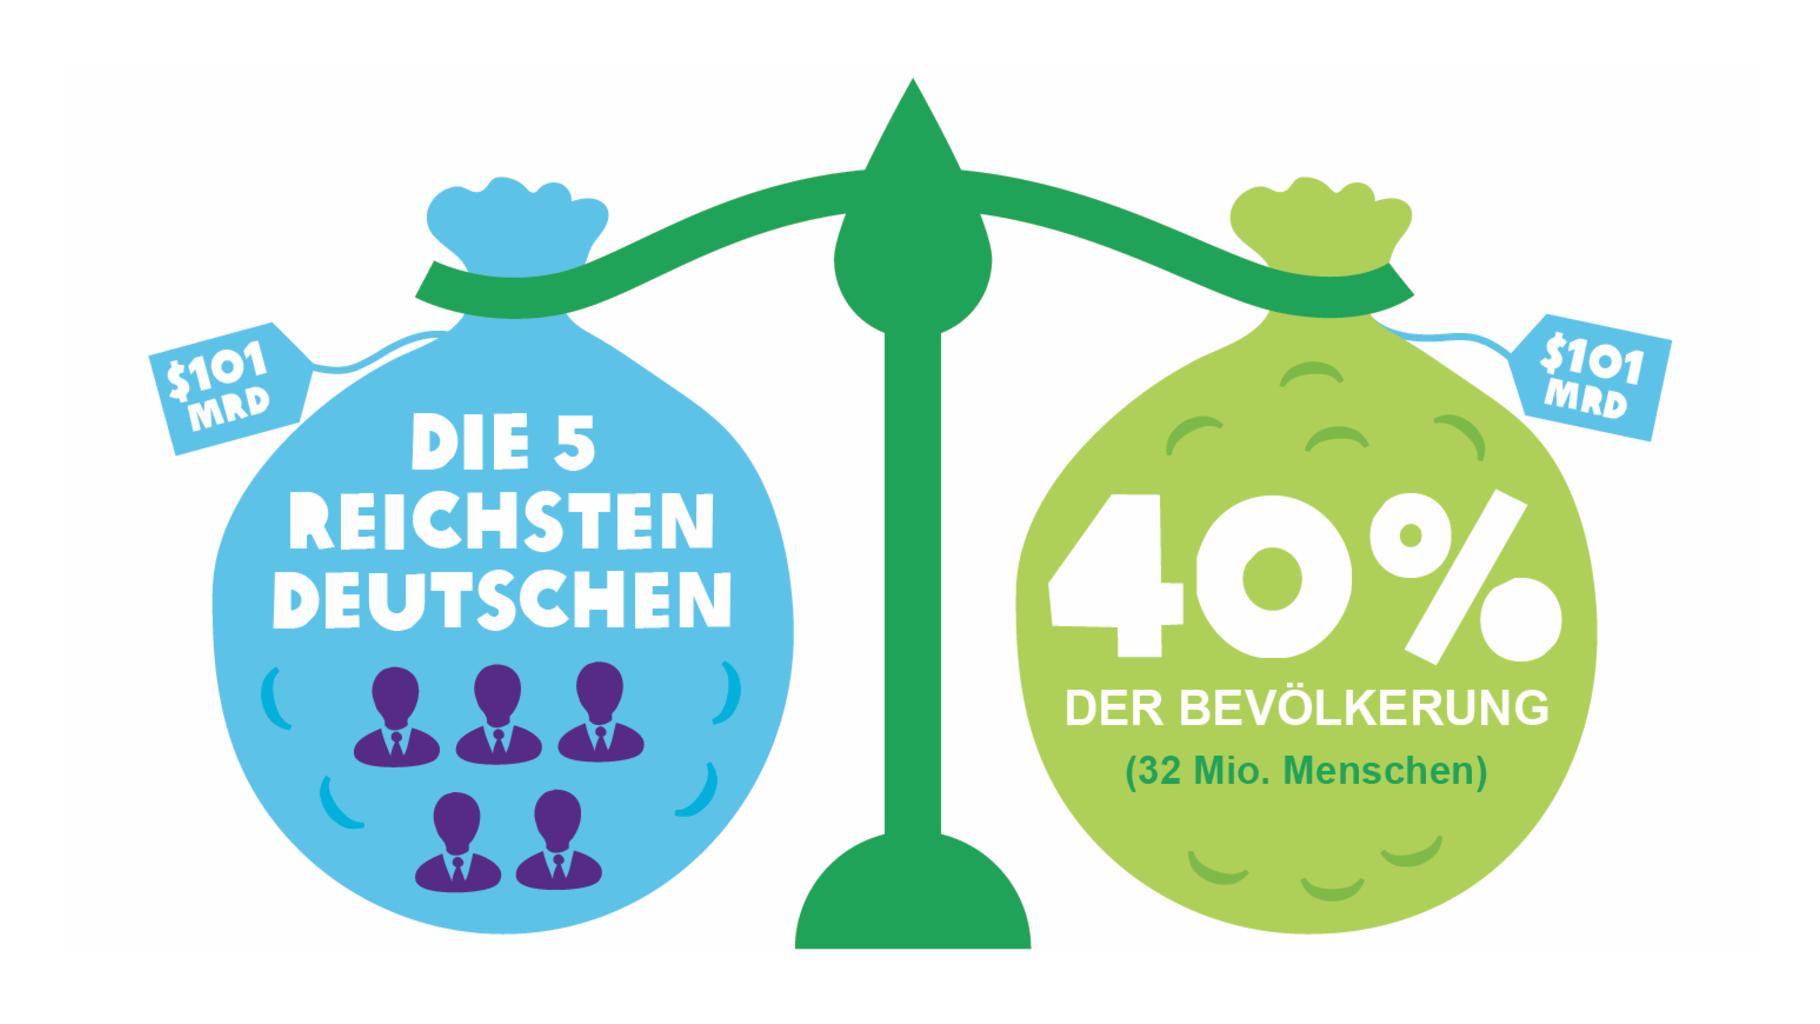 Die 5 reichsten Deutschen besitzen so viel wie 40% der Bevölkerung